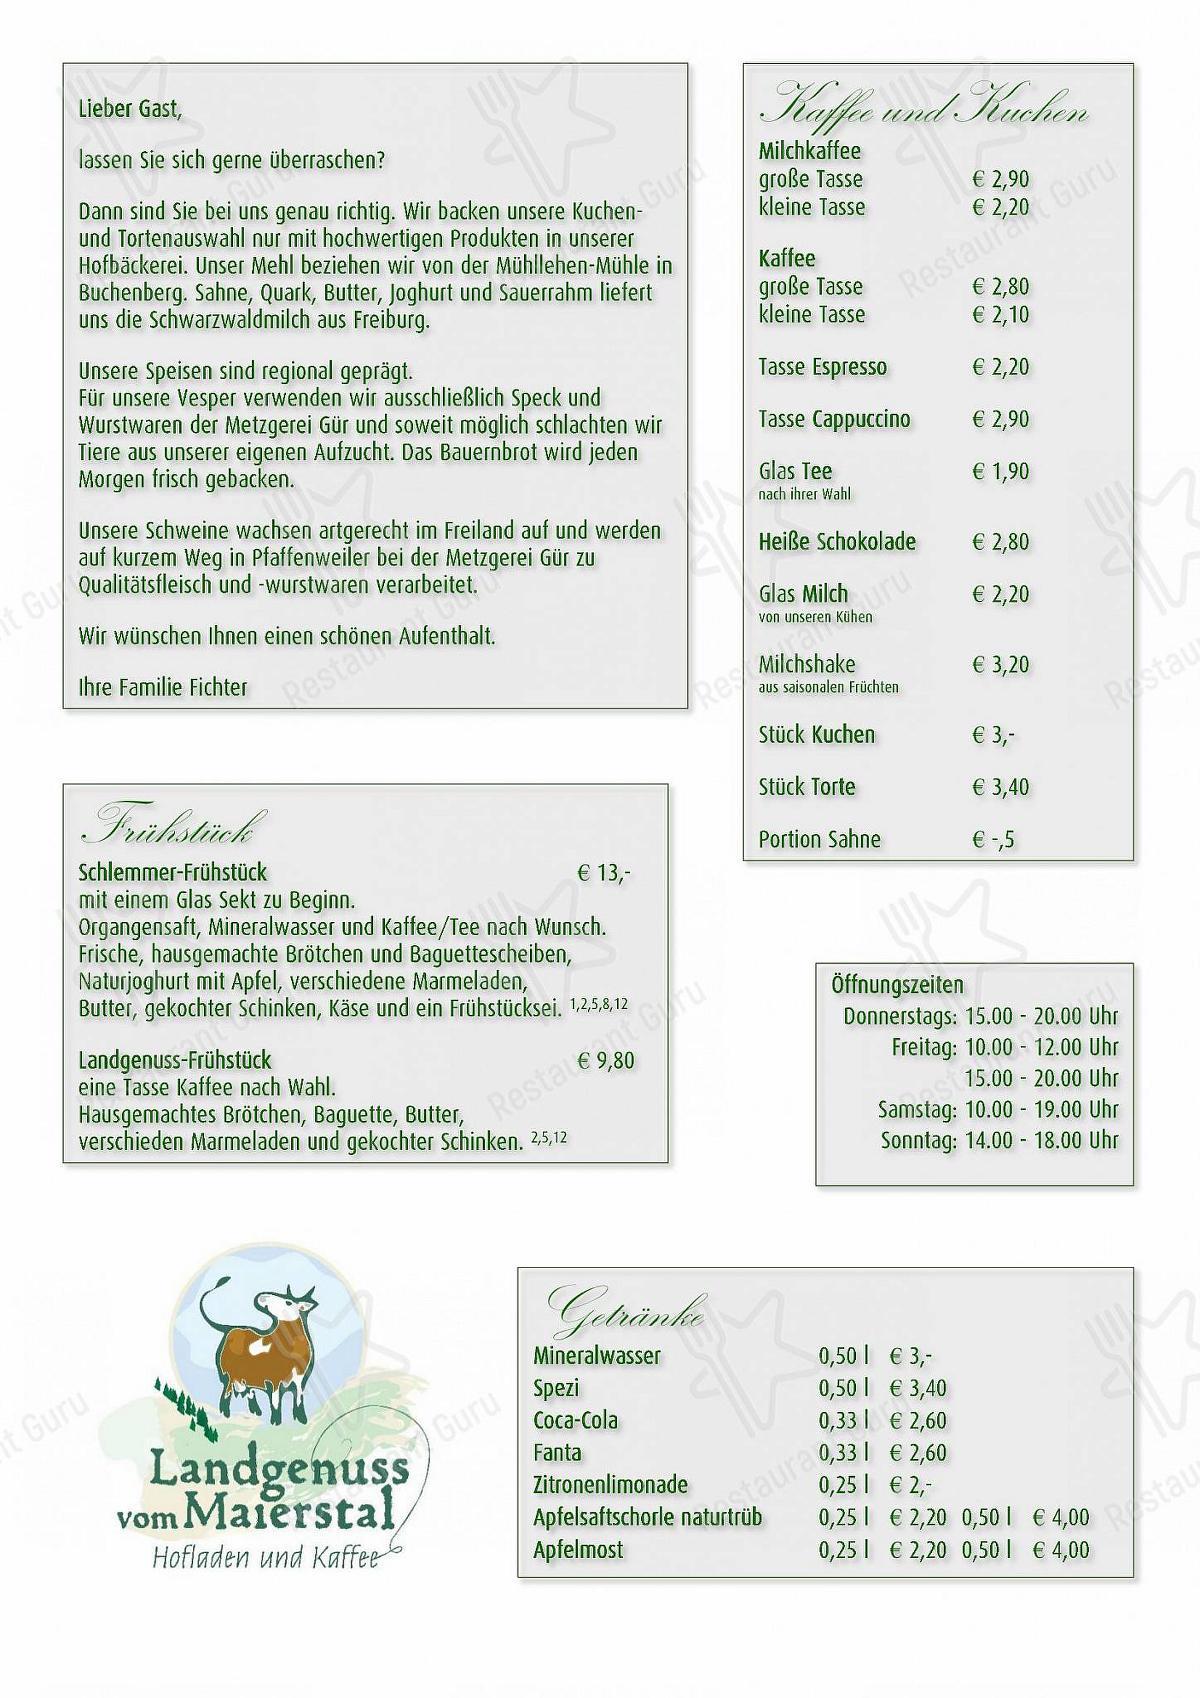 Speisekarte von Landgenuss vom Maierstal cafe